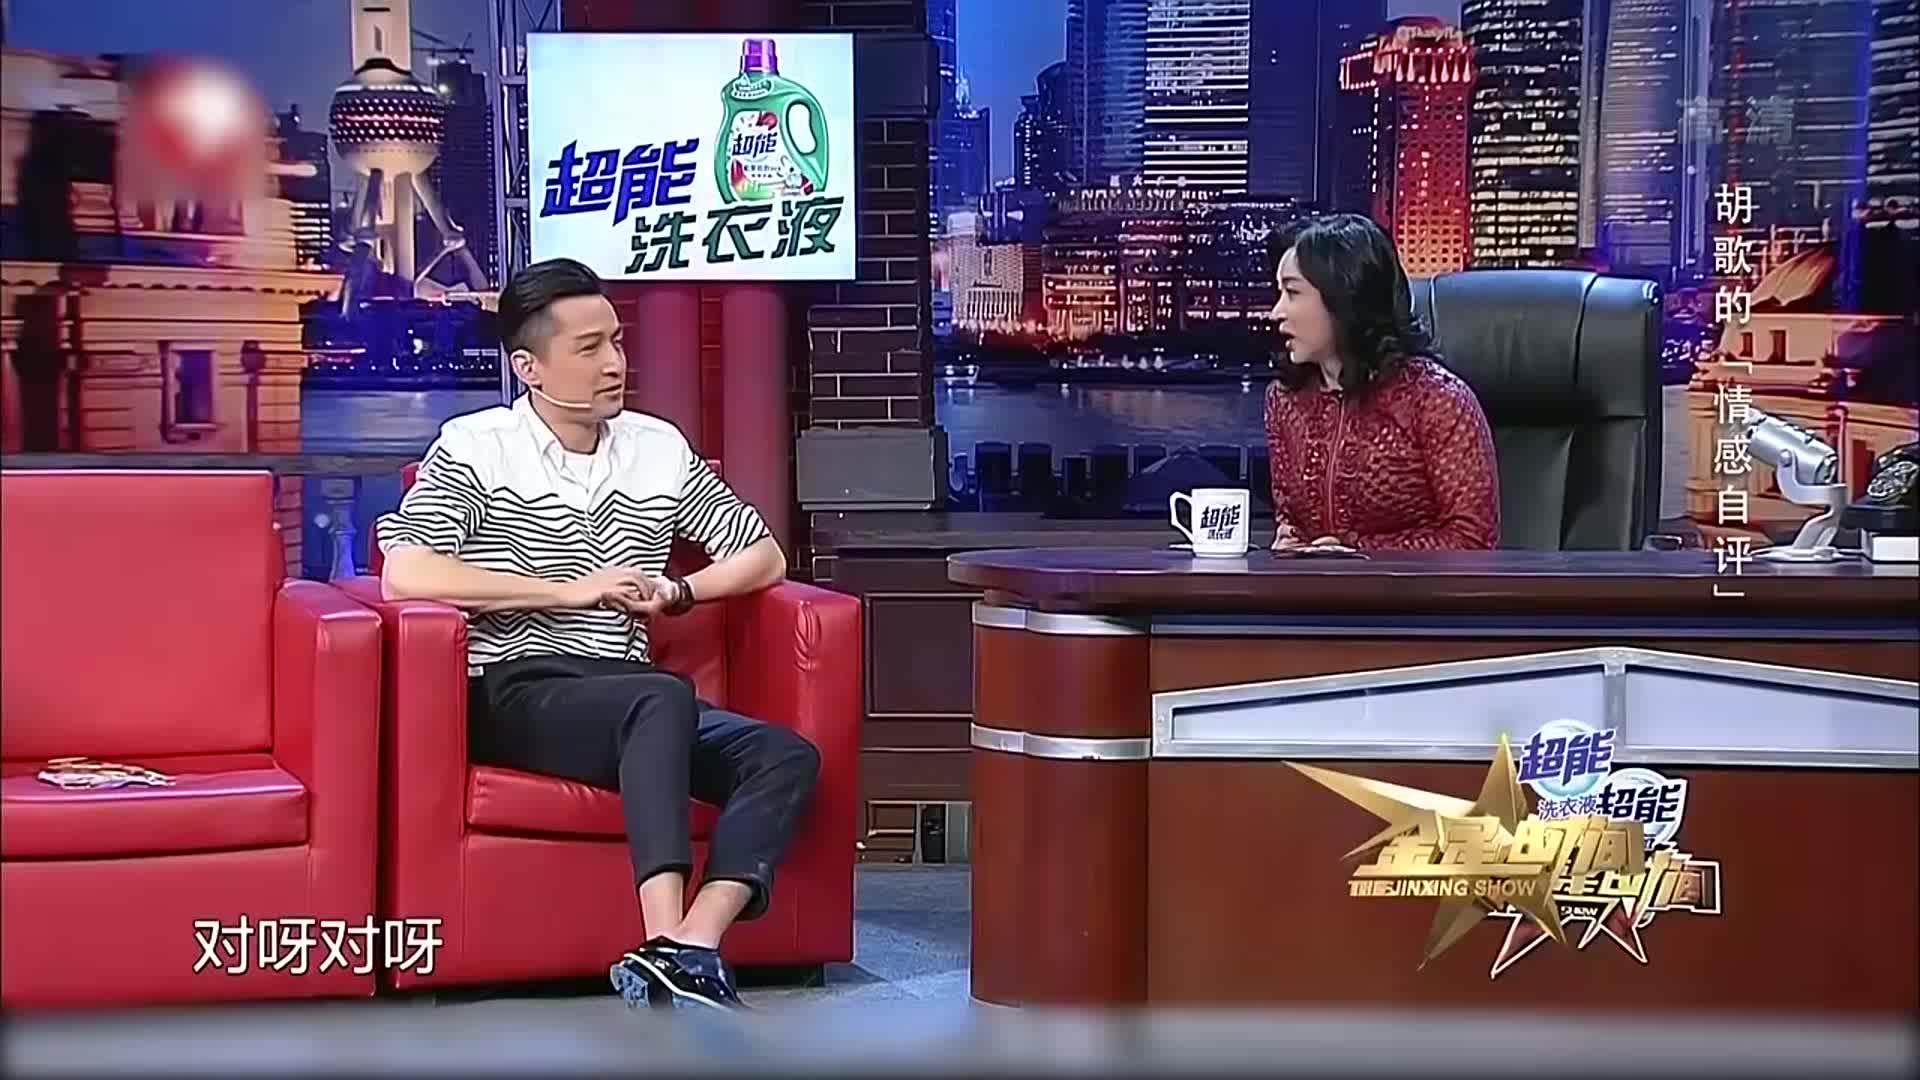 金星秀:胡歌谈到感情问题,当明星确实不容易,不能轻易恋爱!